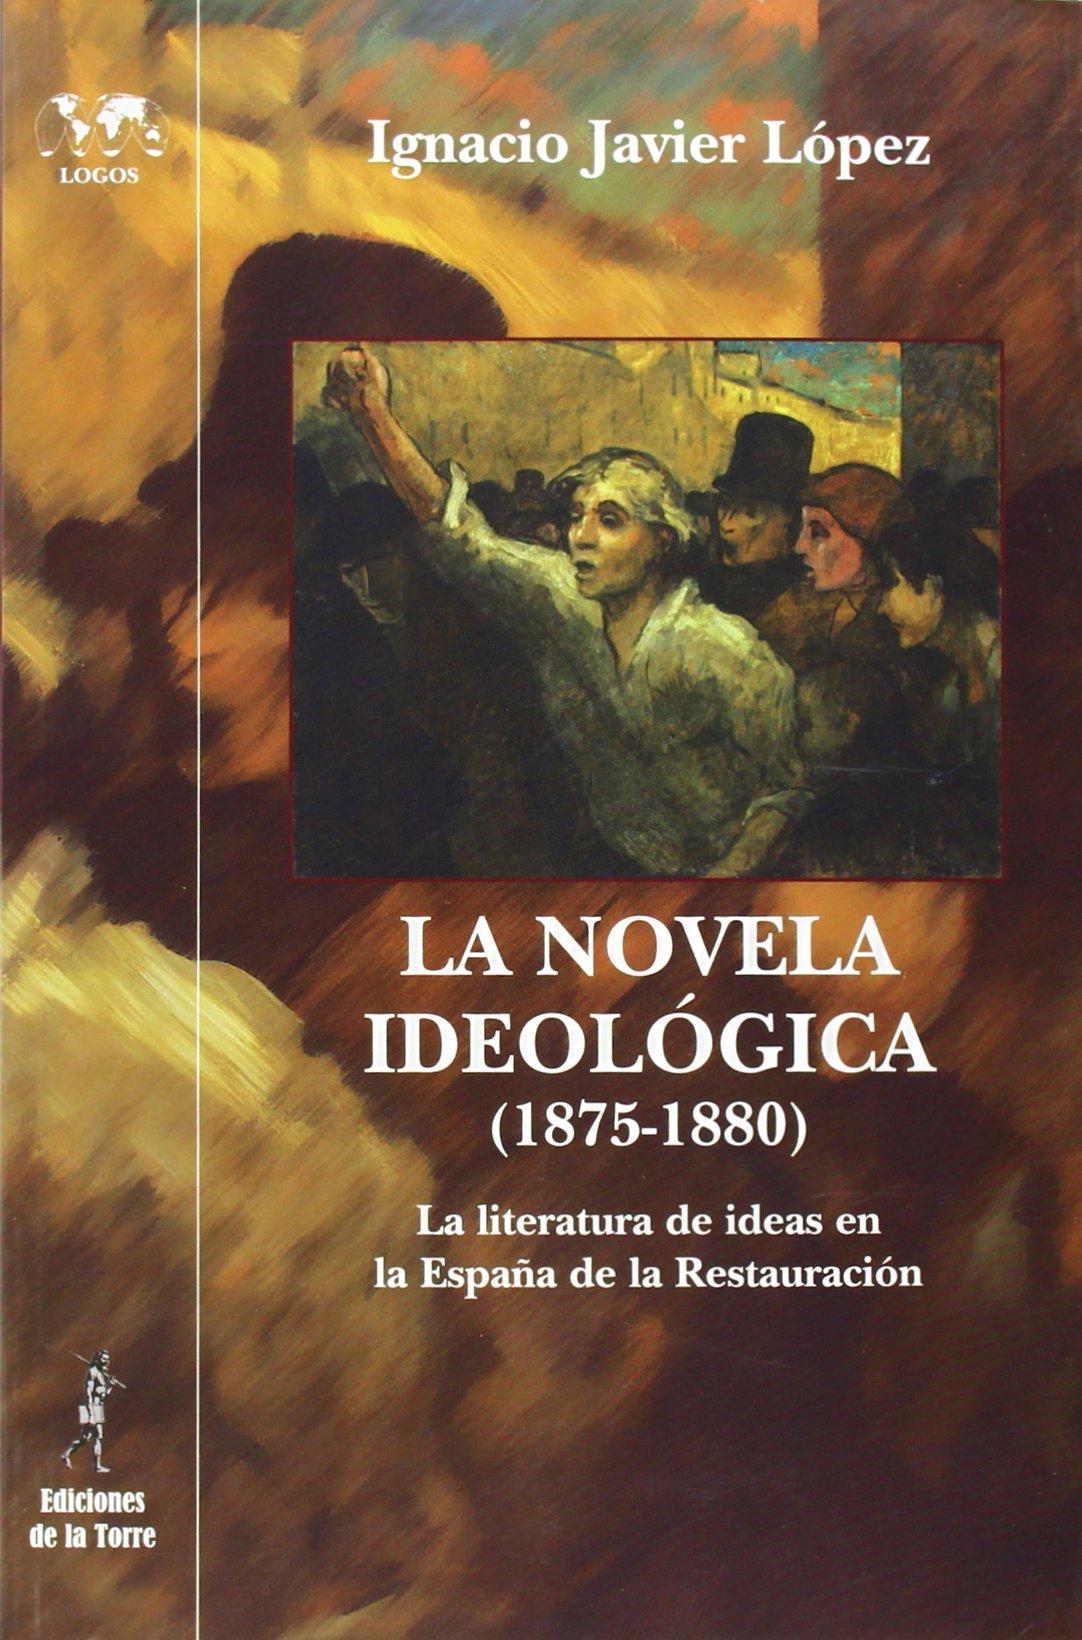 La novela ideológica 1875-1880 : La literatura de ideas en la España de la Restauración: 40 Nuestro Mundo Logos: Amazon.es: López Martínez, Ignacio Javier: Libros